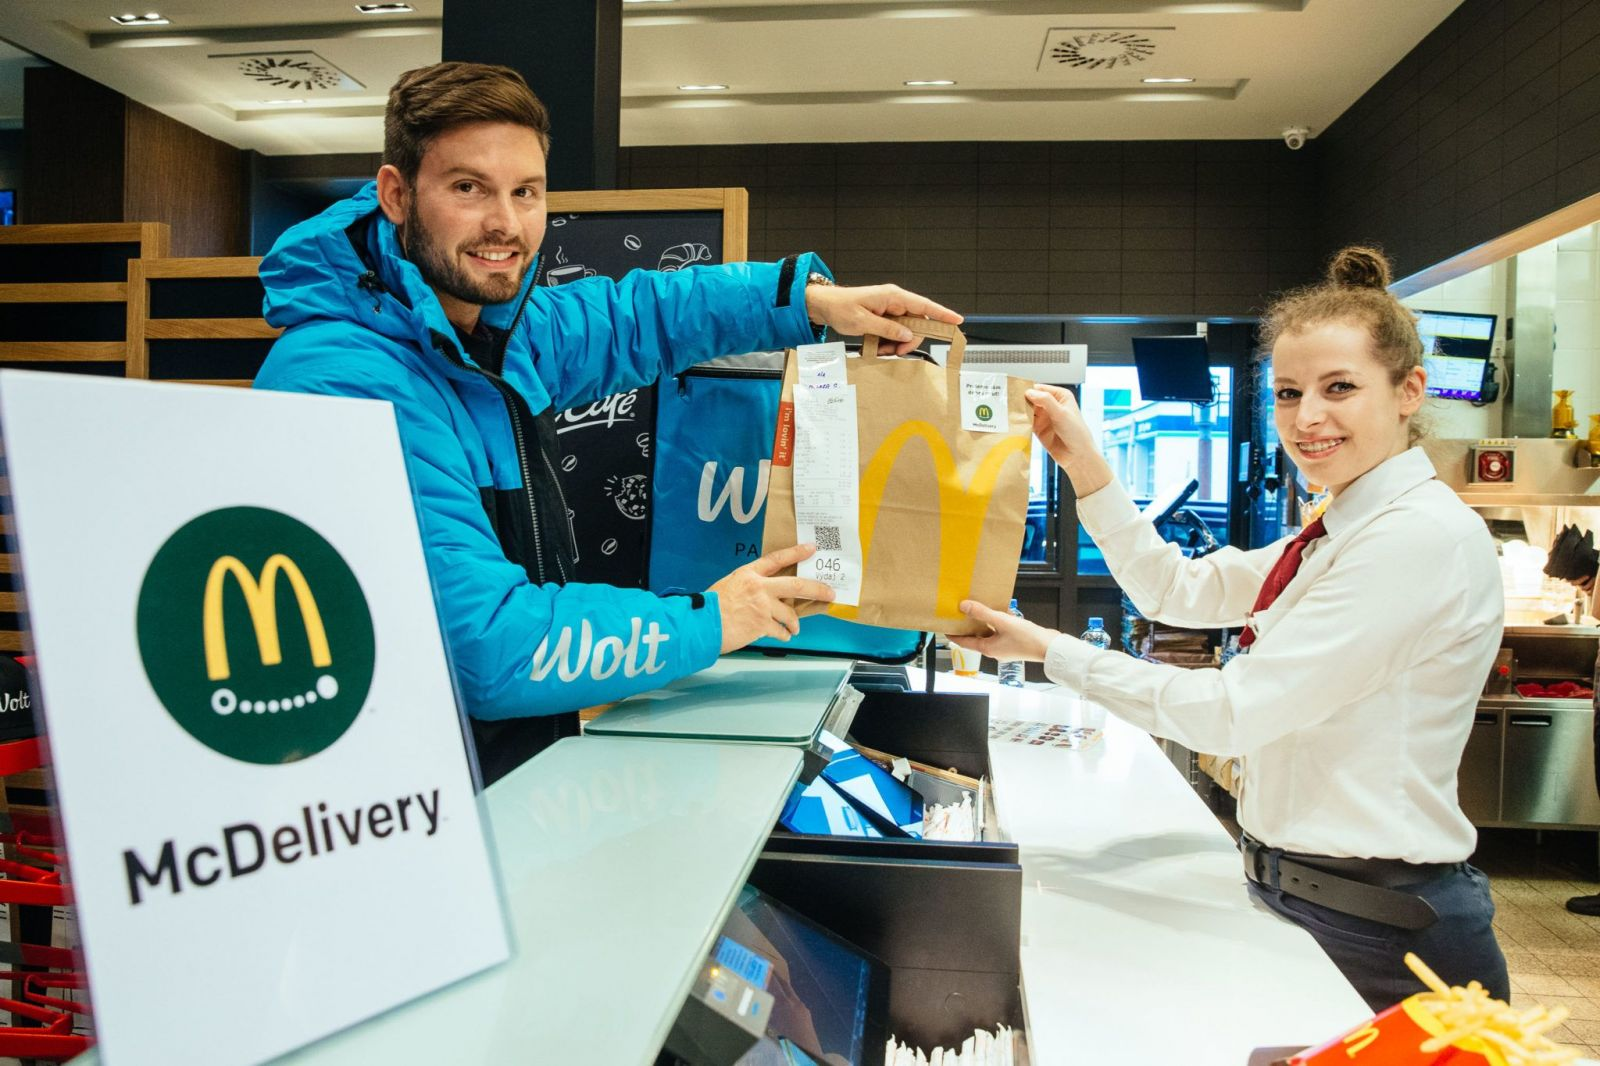 McDonald's na Slovensku spúšťa donáškovú službu. McDelievery bude v rámci Bratislavy donášať Wolt